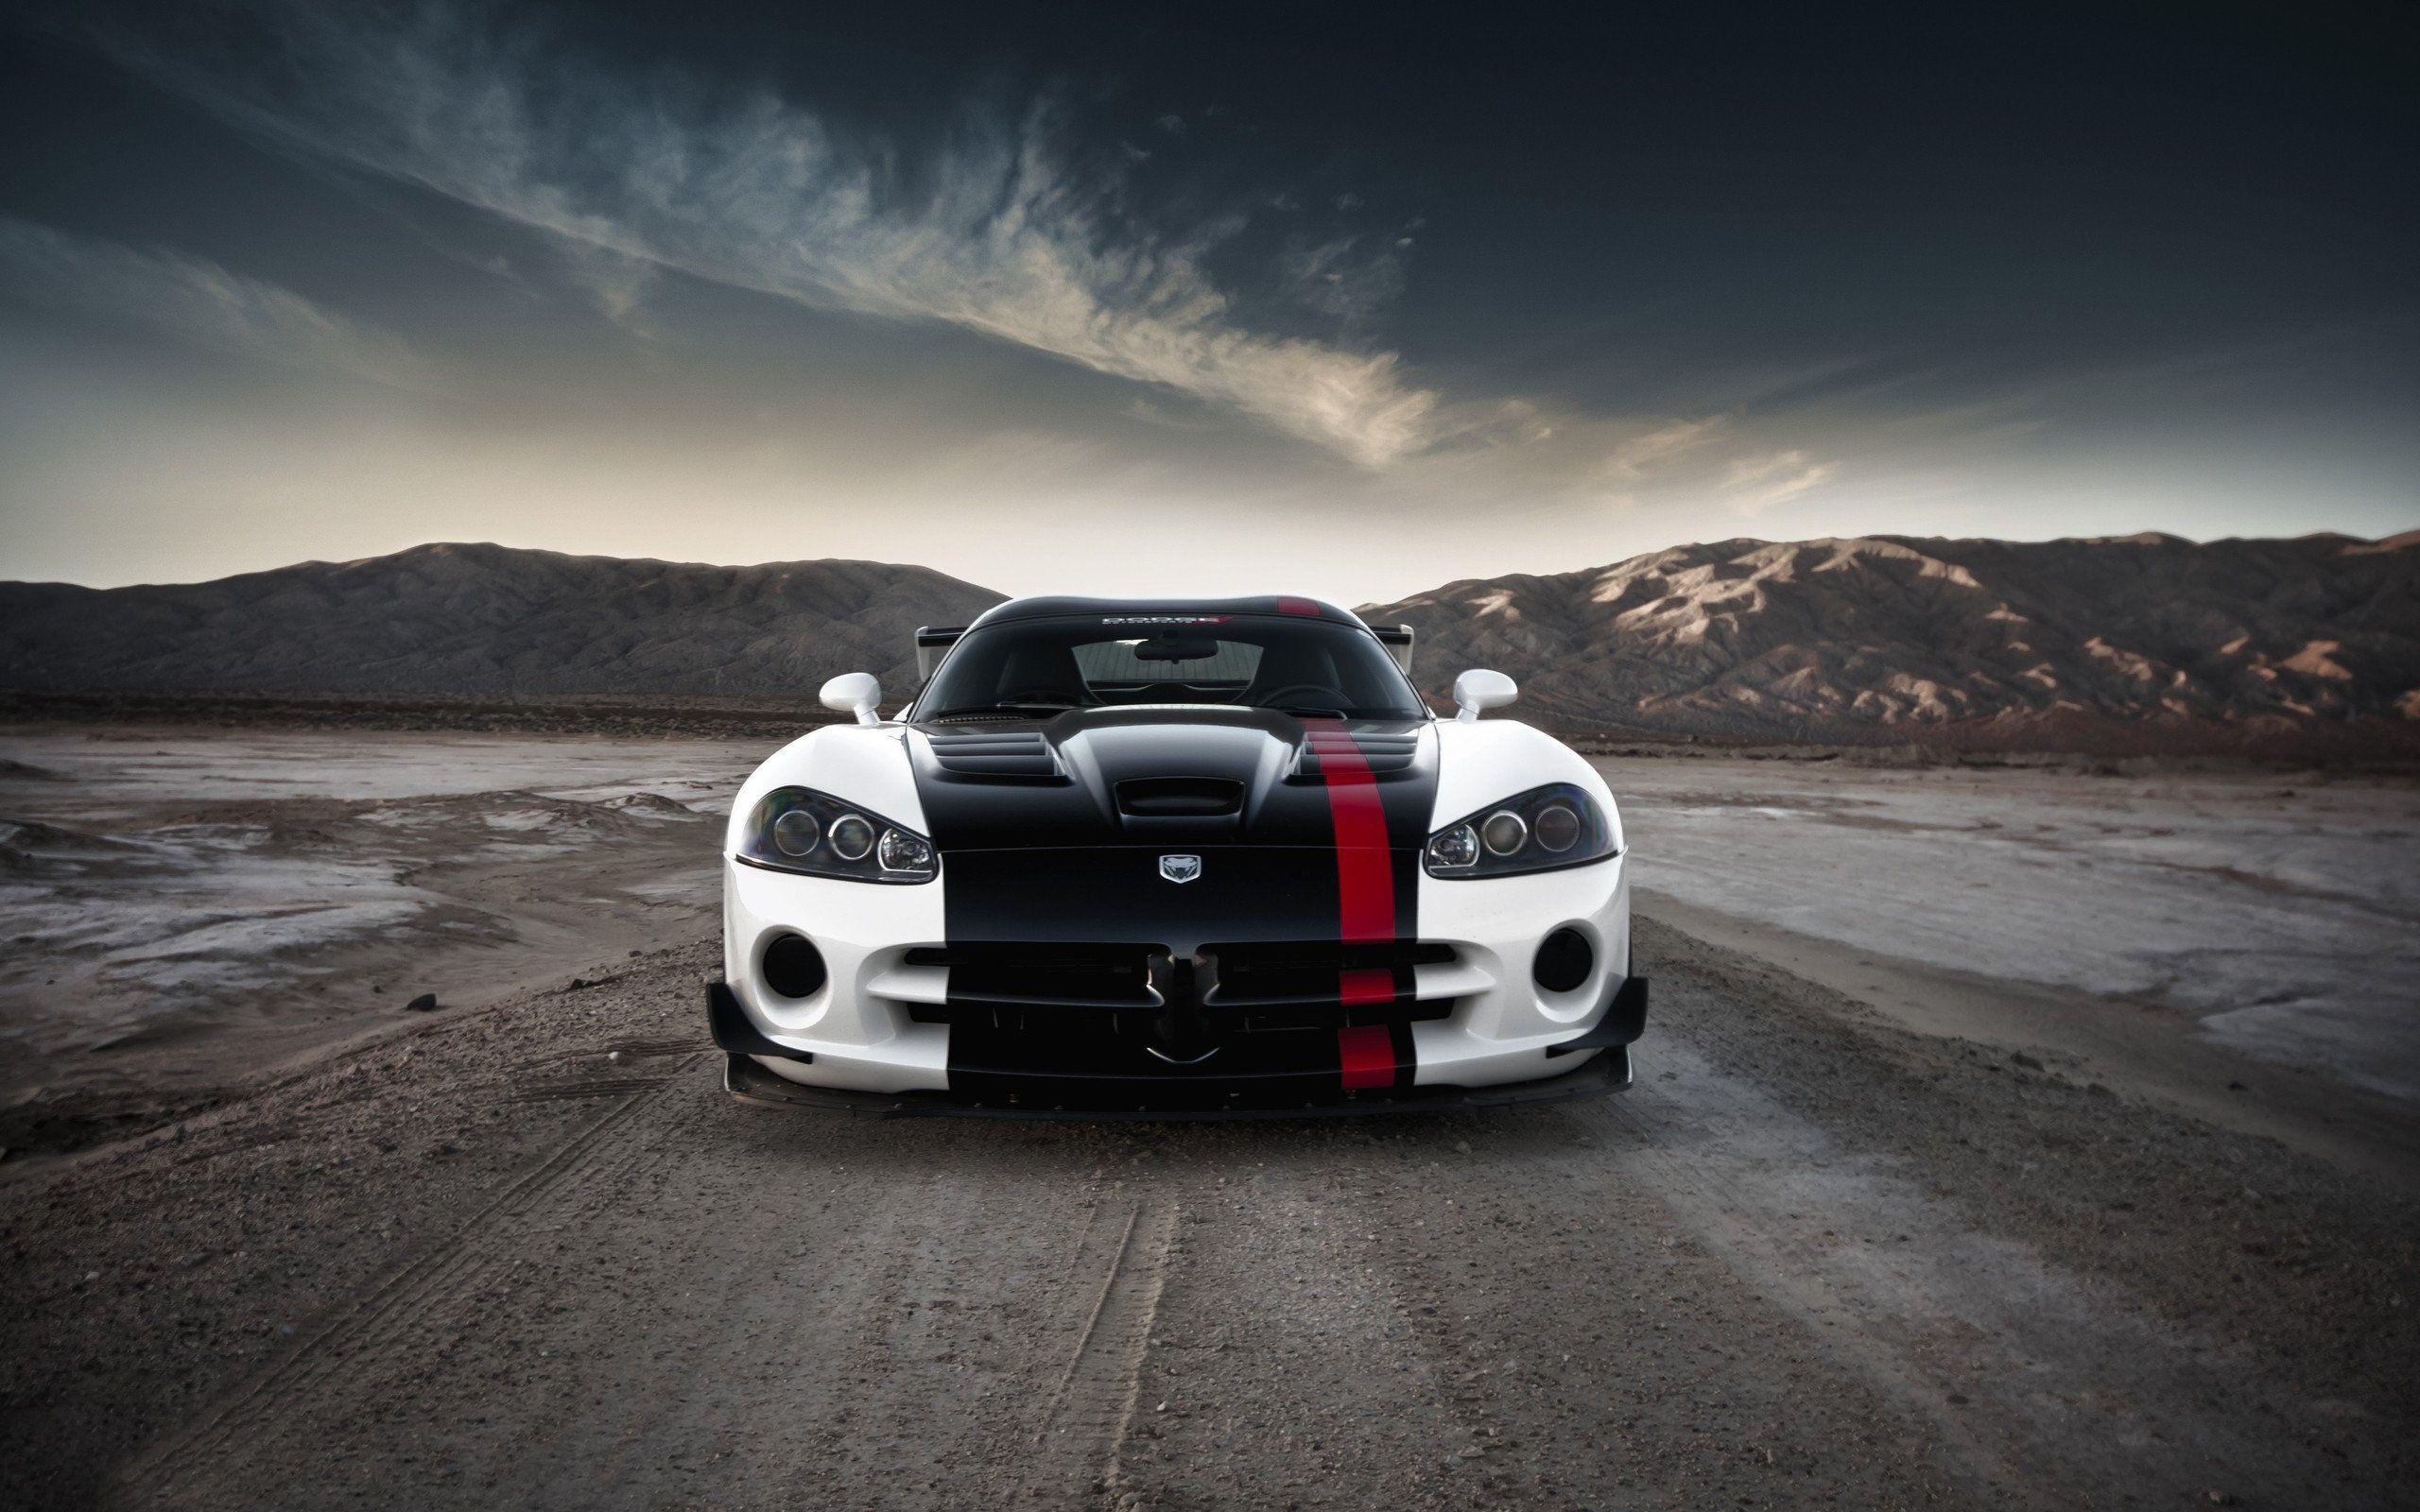 dodge viper car wallpaper download for desktop, laptop & mobile in